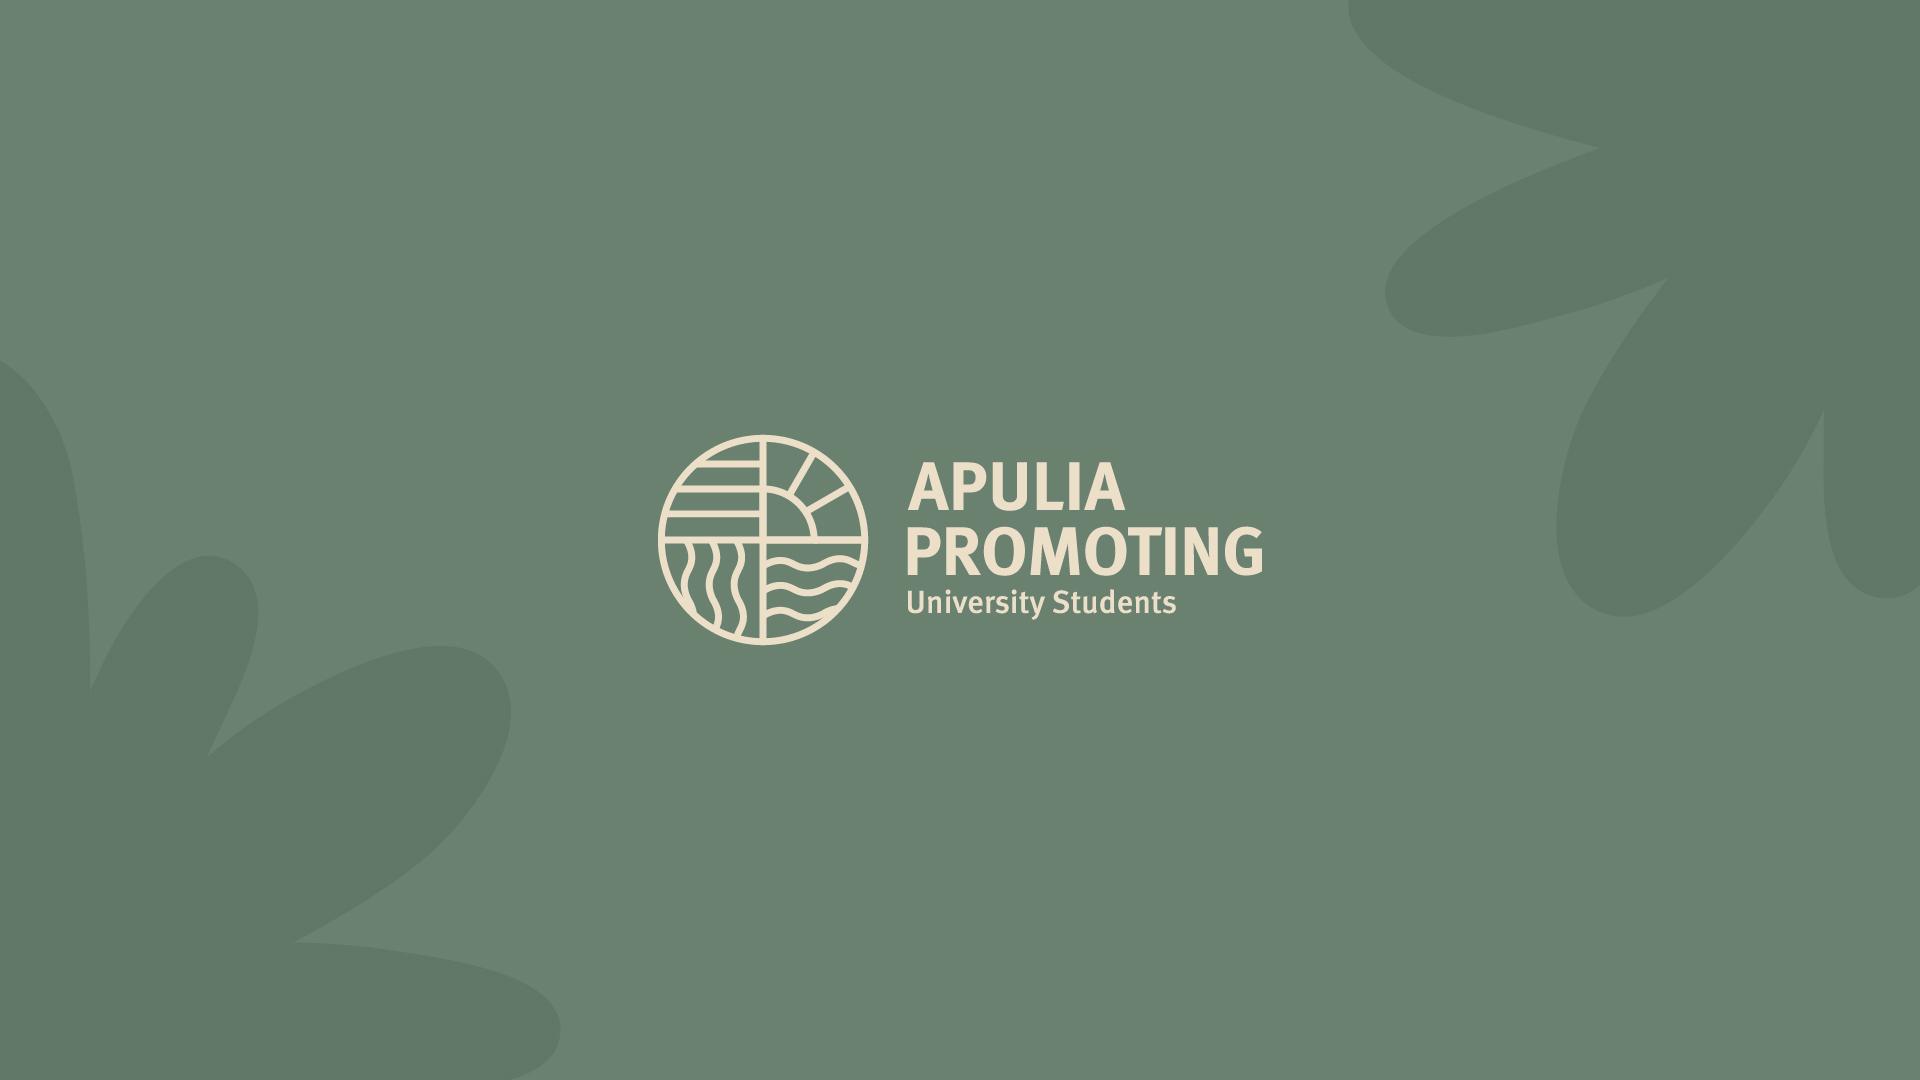 Apulia Promoting US